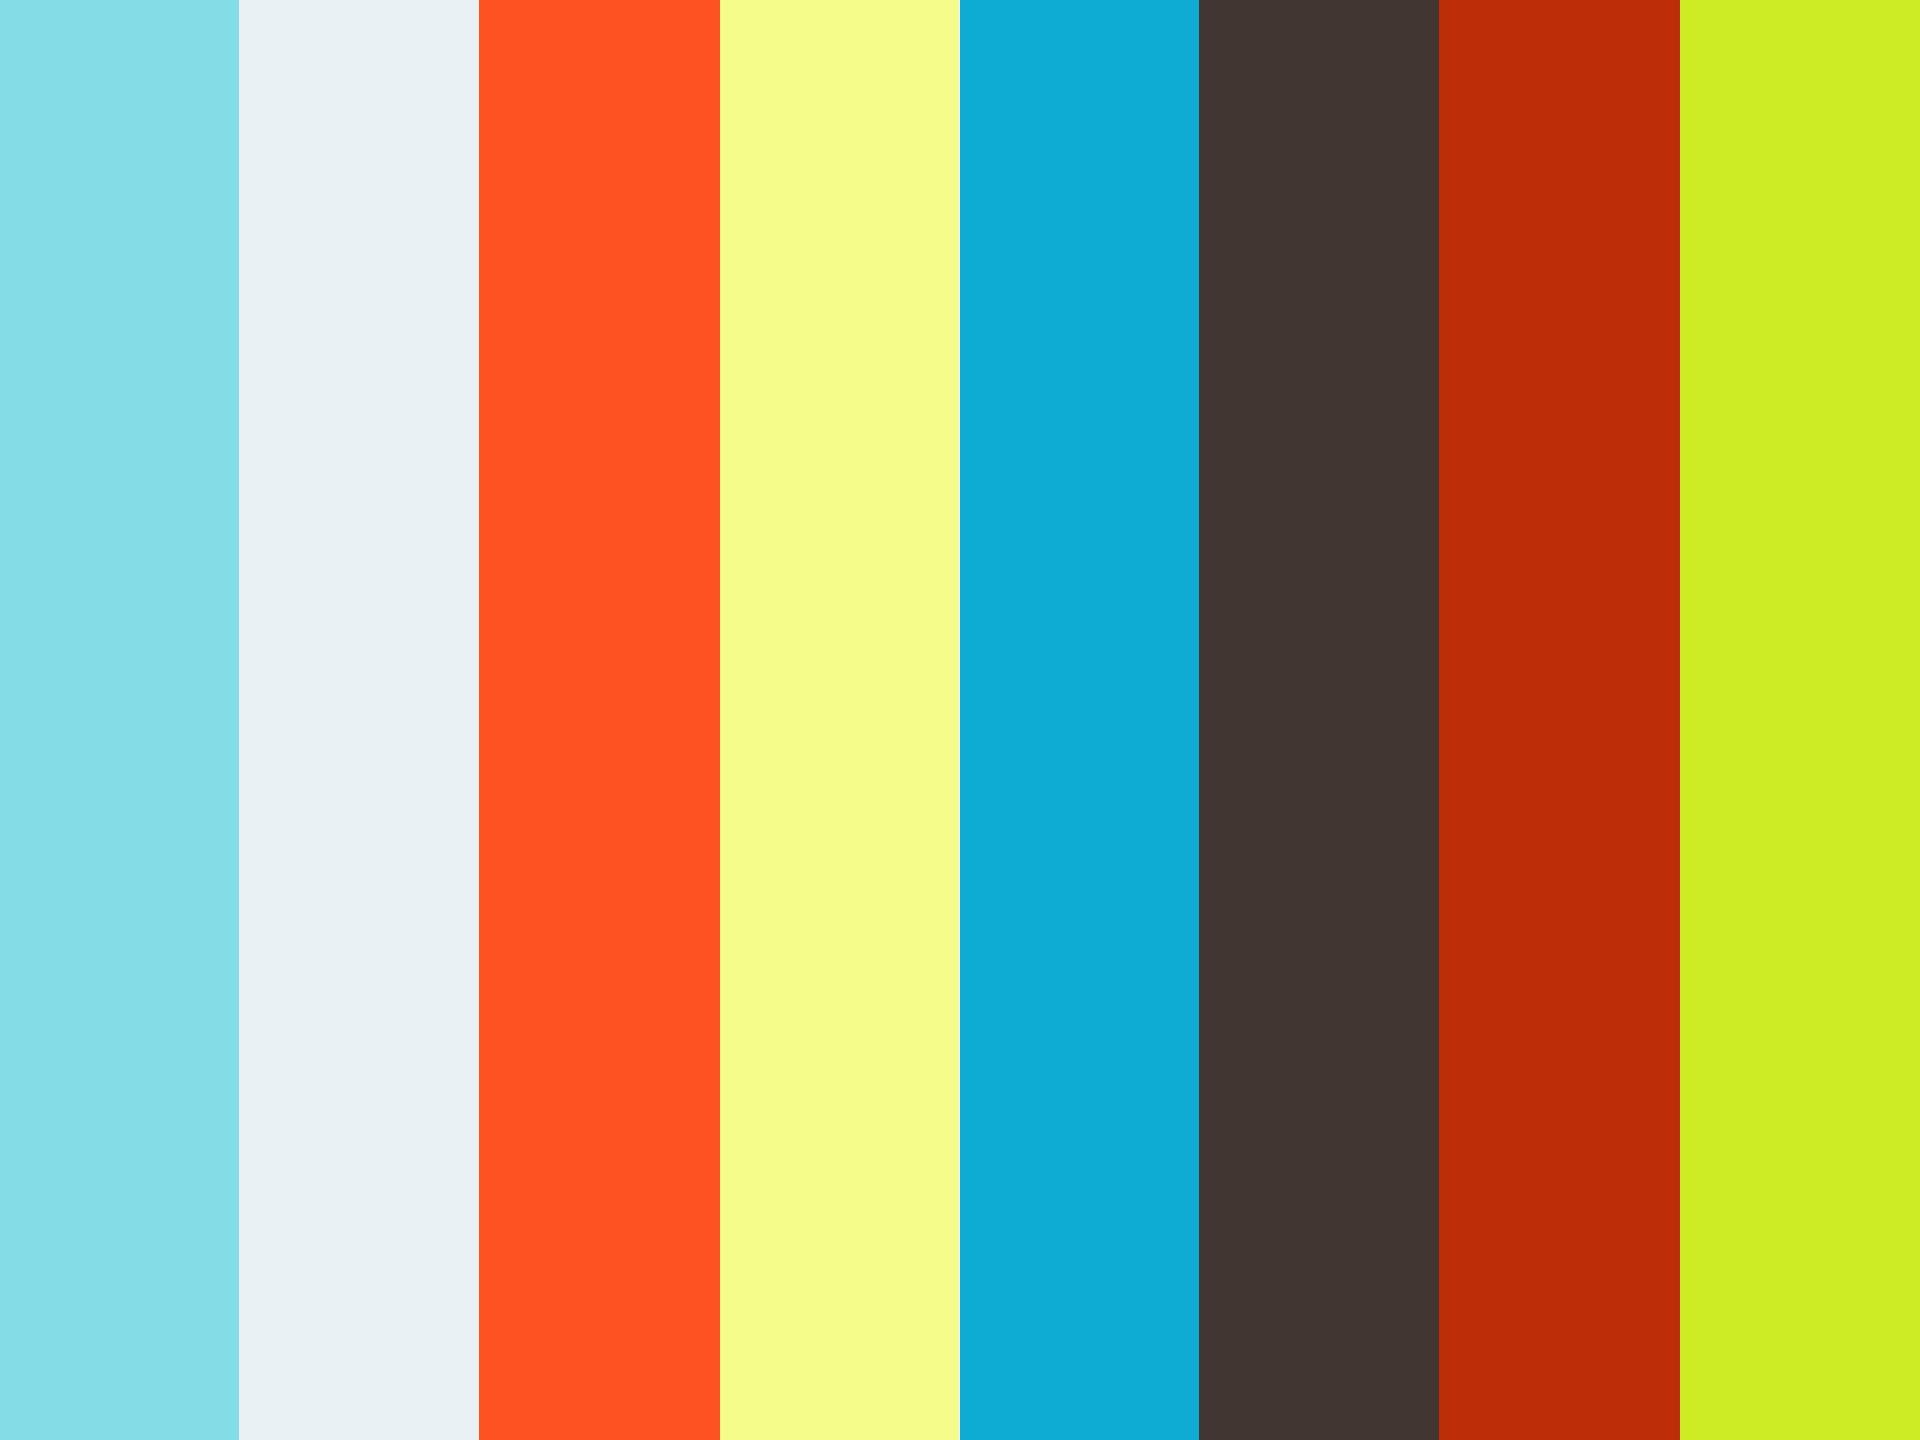 明日から使えるピエゾサージェリー  #6 ソケットリフト